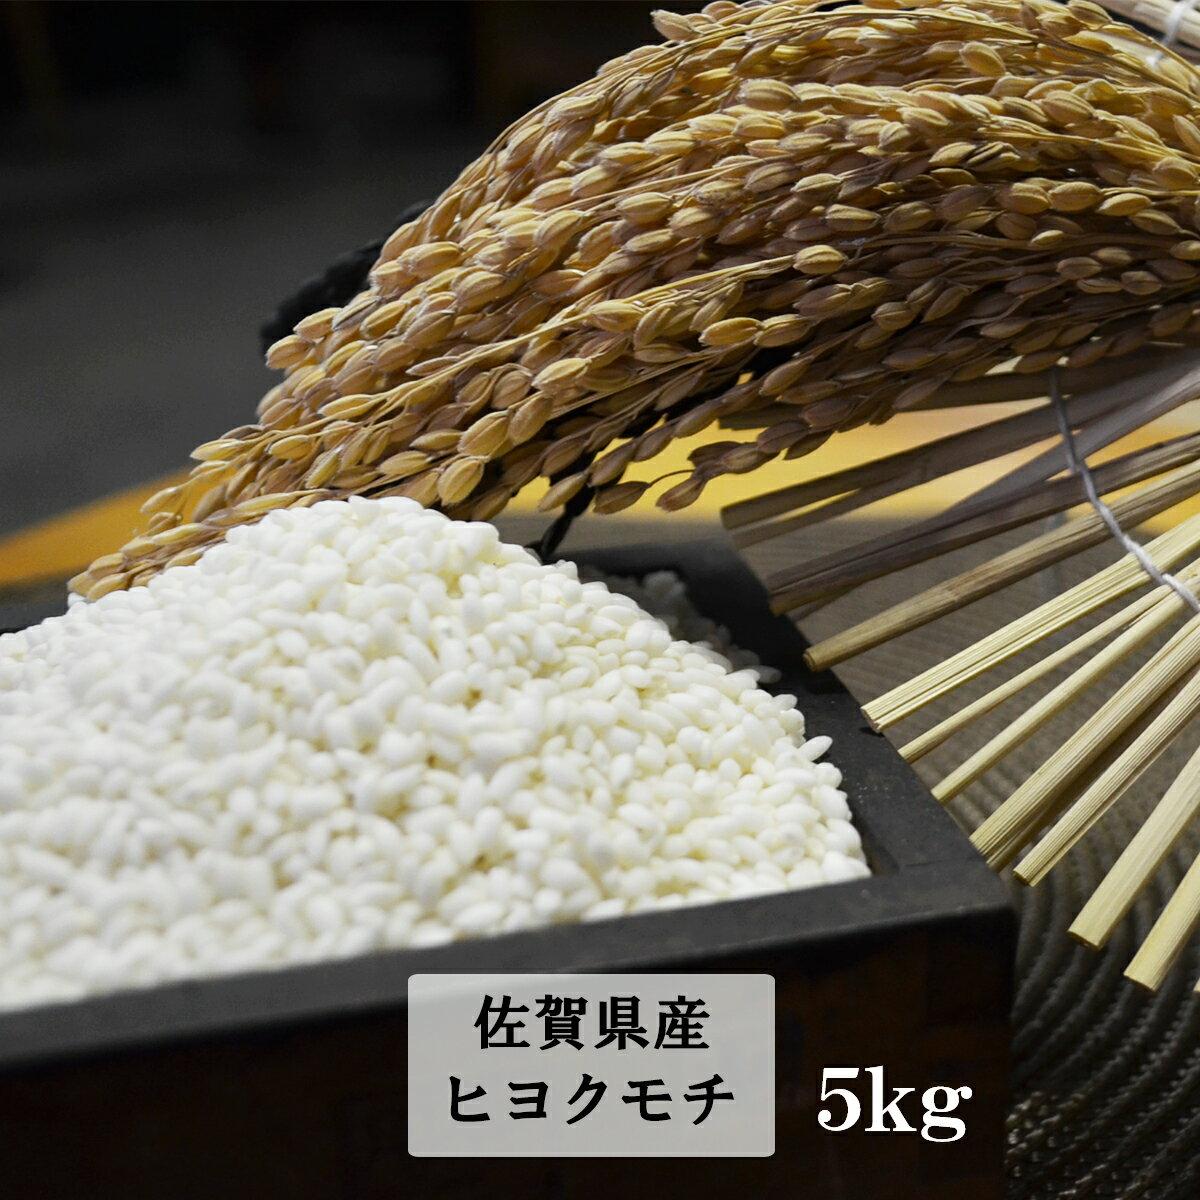 【ふるさと納税】B-101 鹿島市産もち米(ヒヨクモチ) 白米5kg